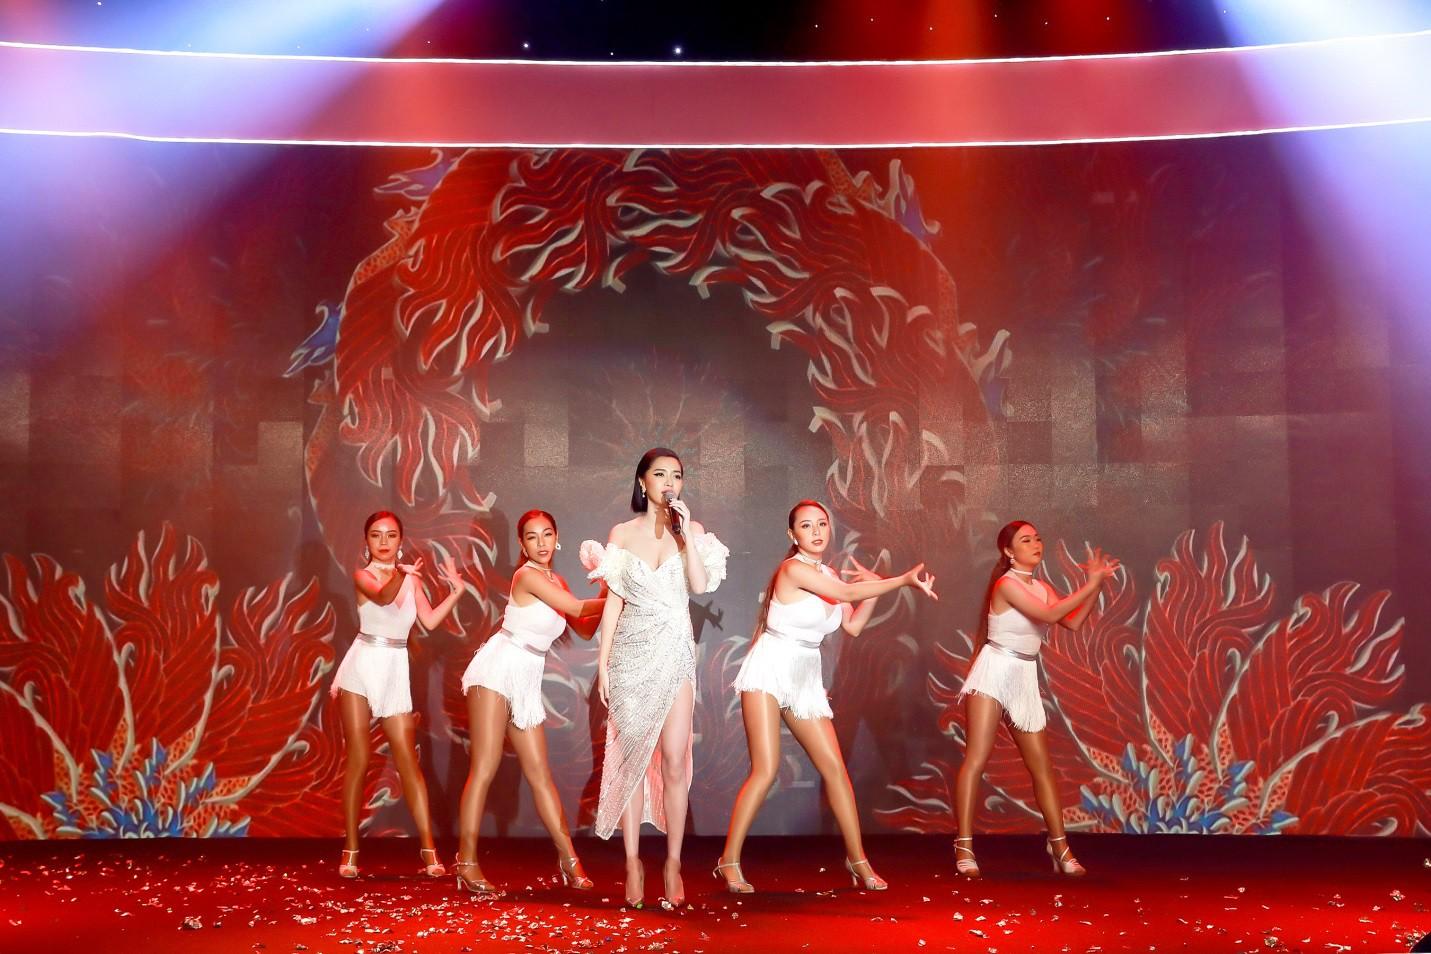 Bích Phương cùng dàn hot face đình đám tụ hội tại sự kiện ra mắt thương hiệu mỹ phẩm ANA'T - Ảnh 2.